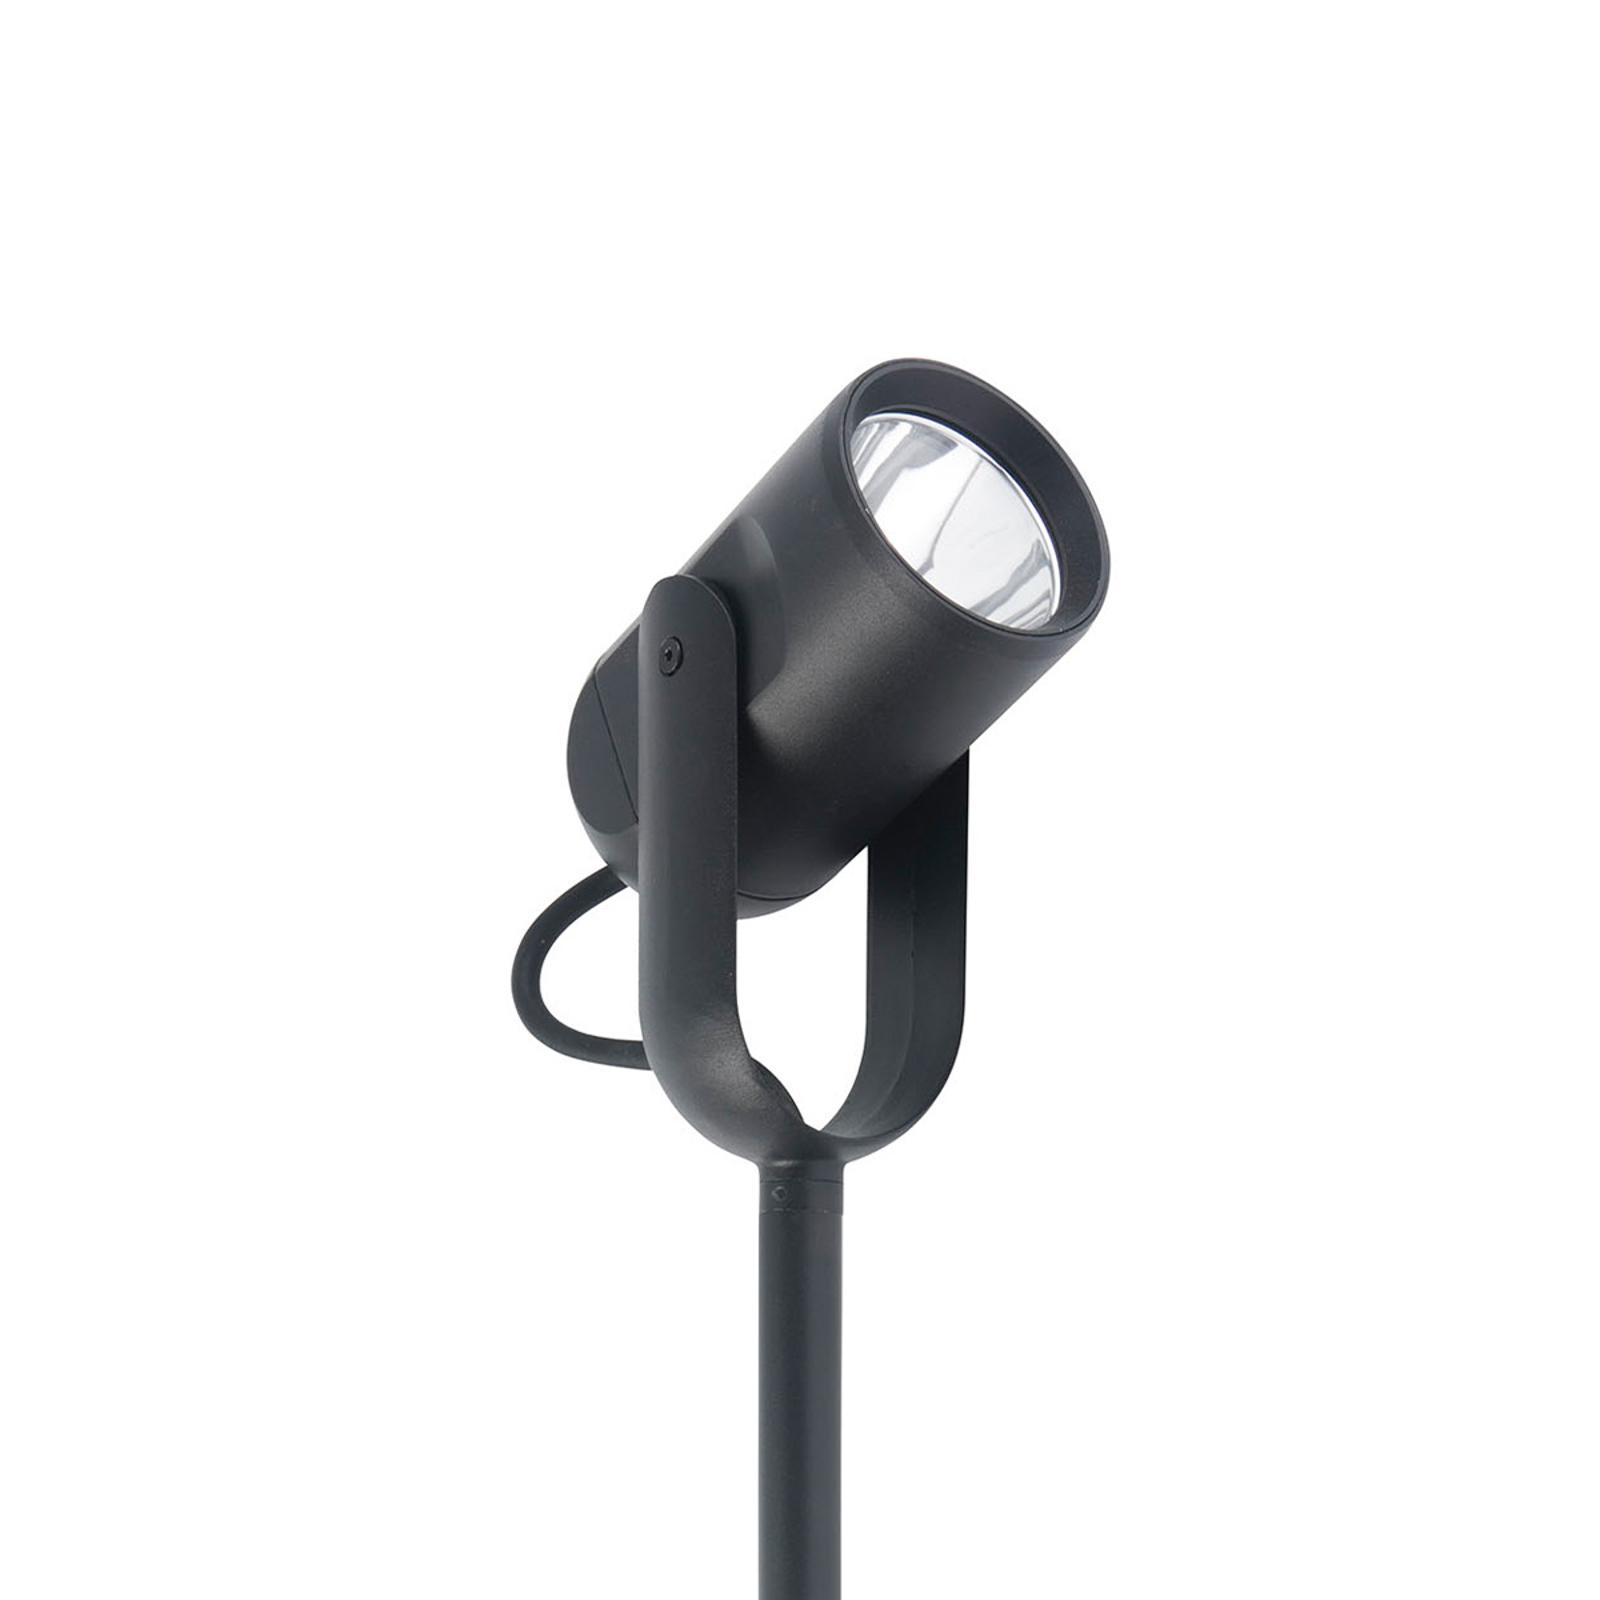 Spot zewnętrzny LED Slot, 50 cm